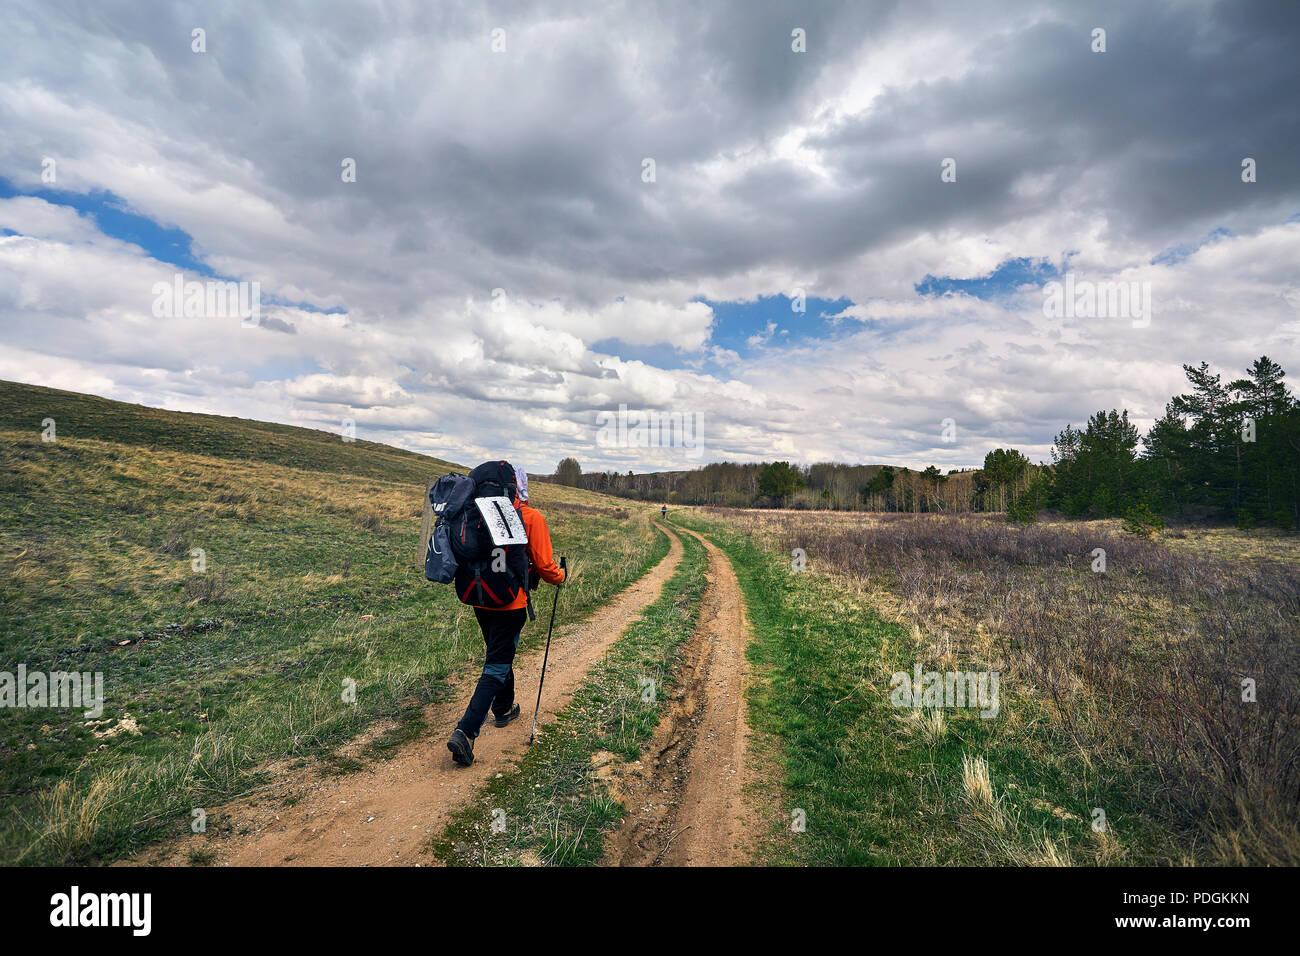 Excursionista con big mochila caminando por la carretera cerca del bosque contra el cielo nublado en Karkaraly national park en el centro de Kazajstán Foto de stock